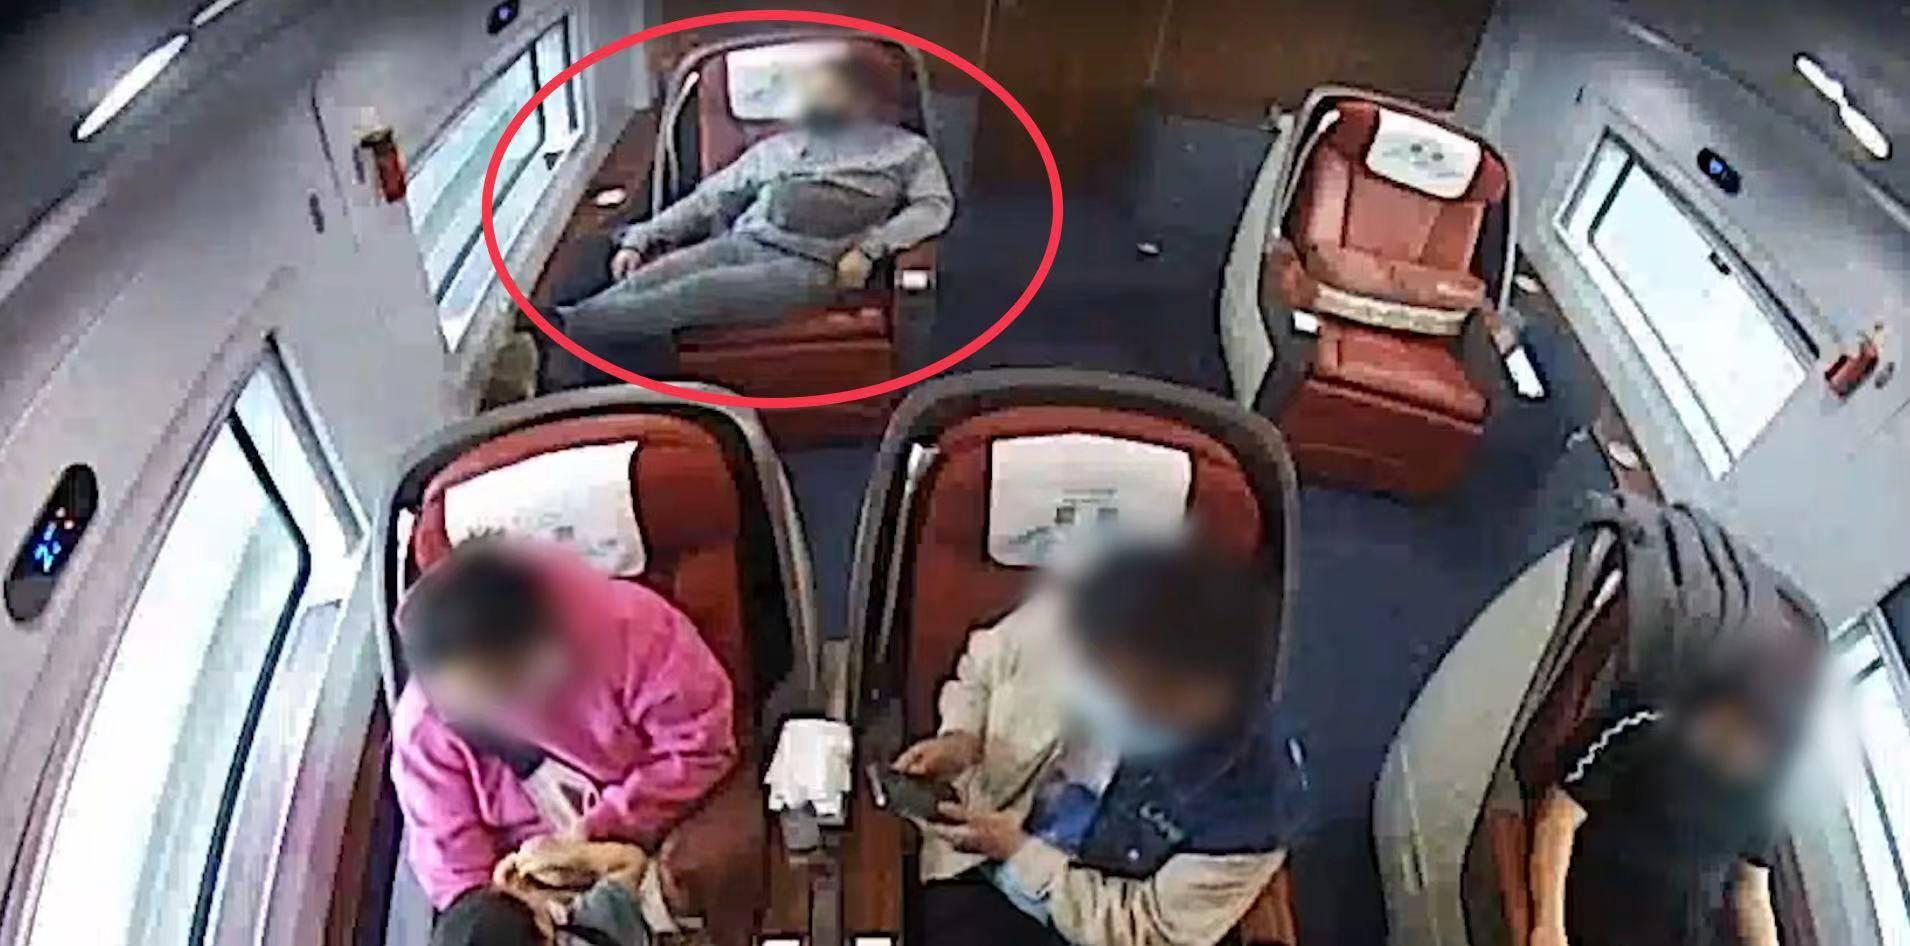 恒宏首页男子在高铁上越席占座、辱骂列车员,因涉嫌寻衅滋事被行政拘留 (图1)